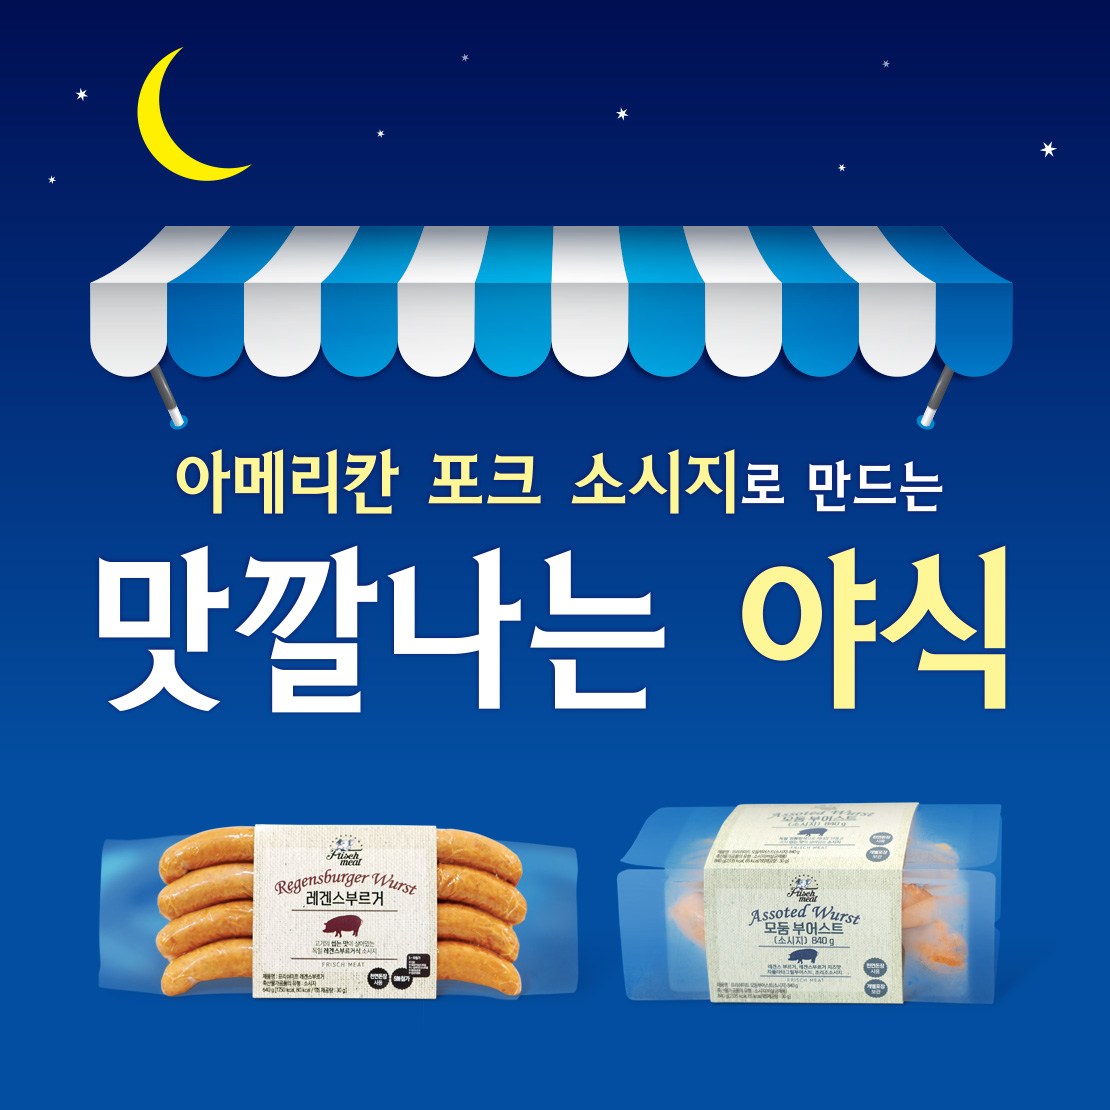 [김도형]아메리칸 포크 소시지로 만드는 맛깔나는 야식 대표이미지